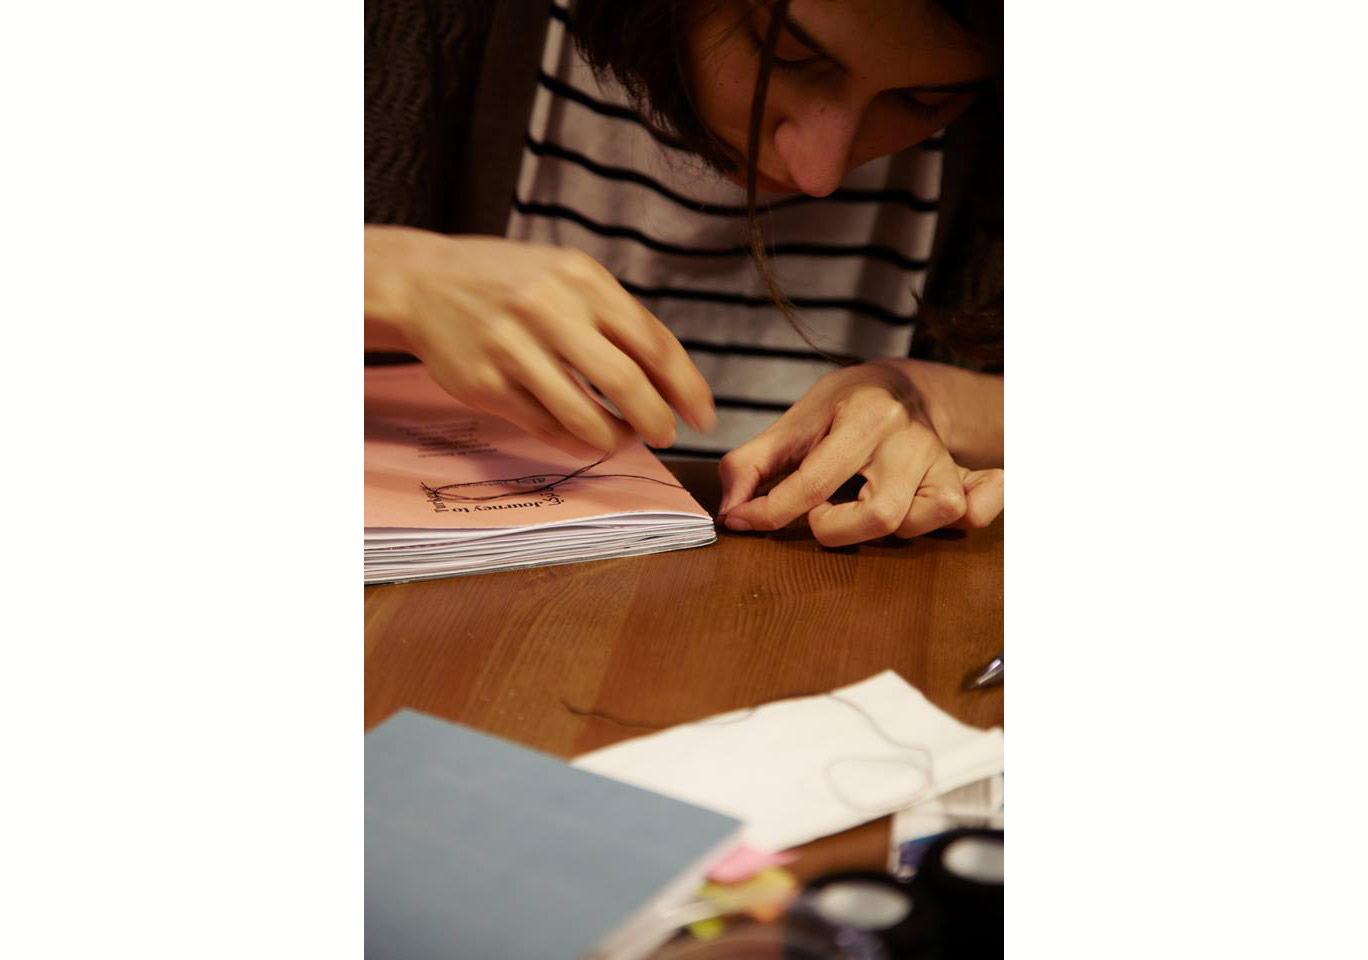 Türkiye'ye Yolculuk'un maket kitap üretim aşamasındaFotoğraf: Júlia Soler